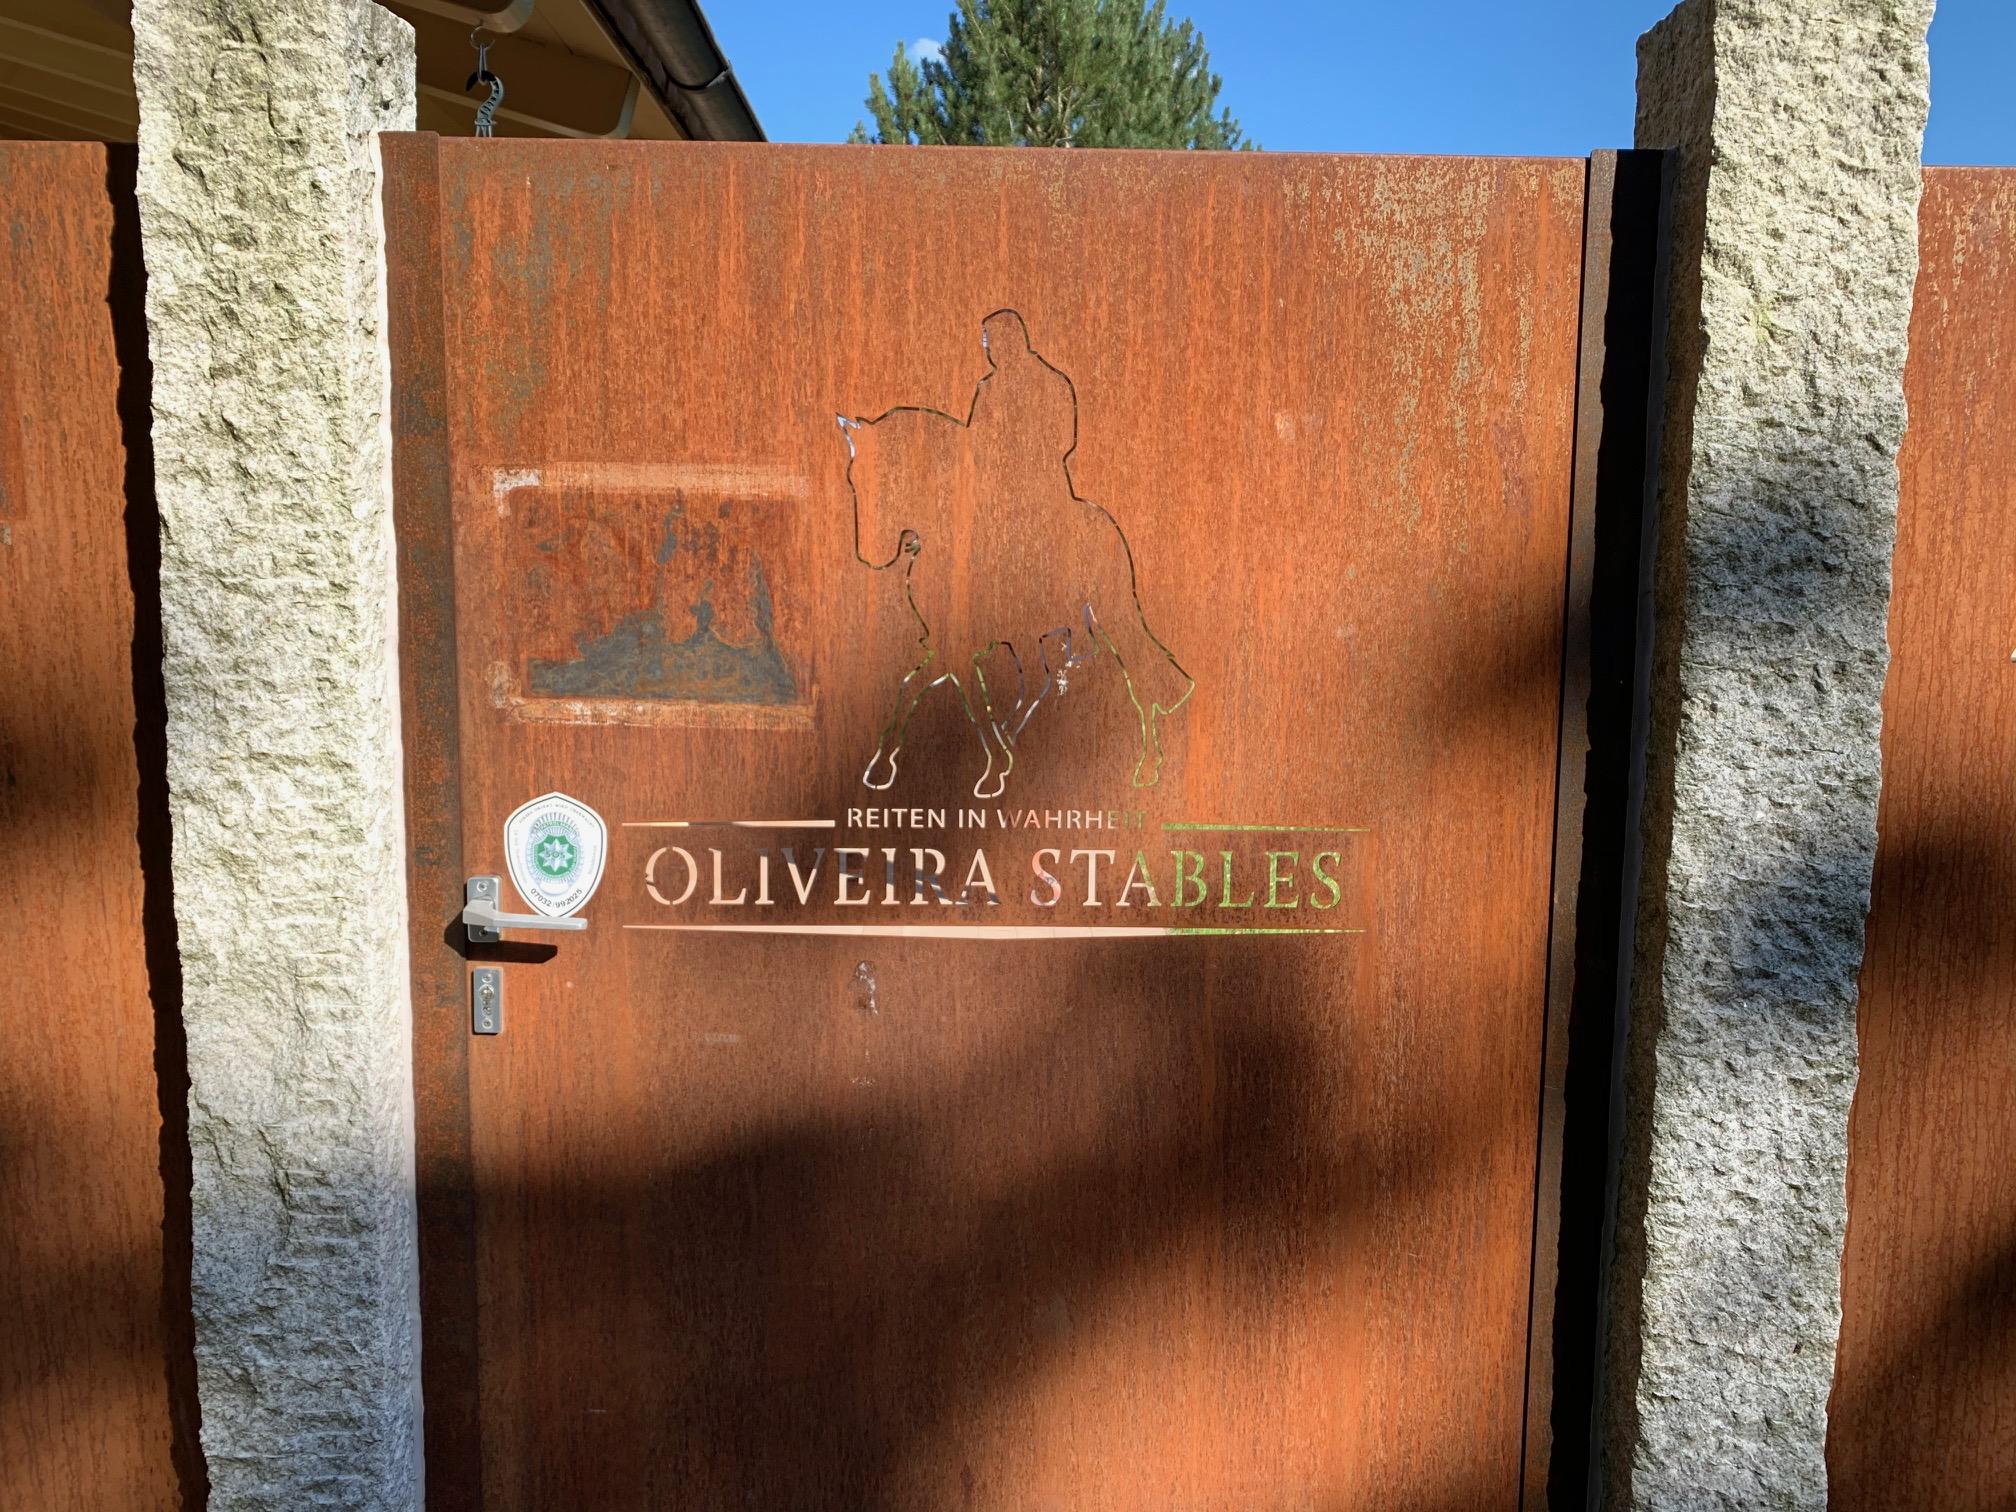 Vertikal – berechtigte Kritik? Mein spontaner Besuch in den Oliveira Stables in Waal